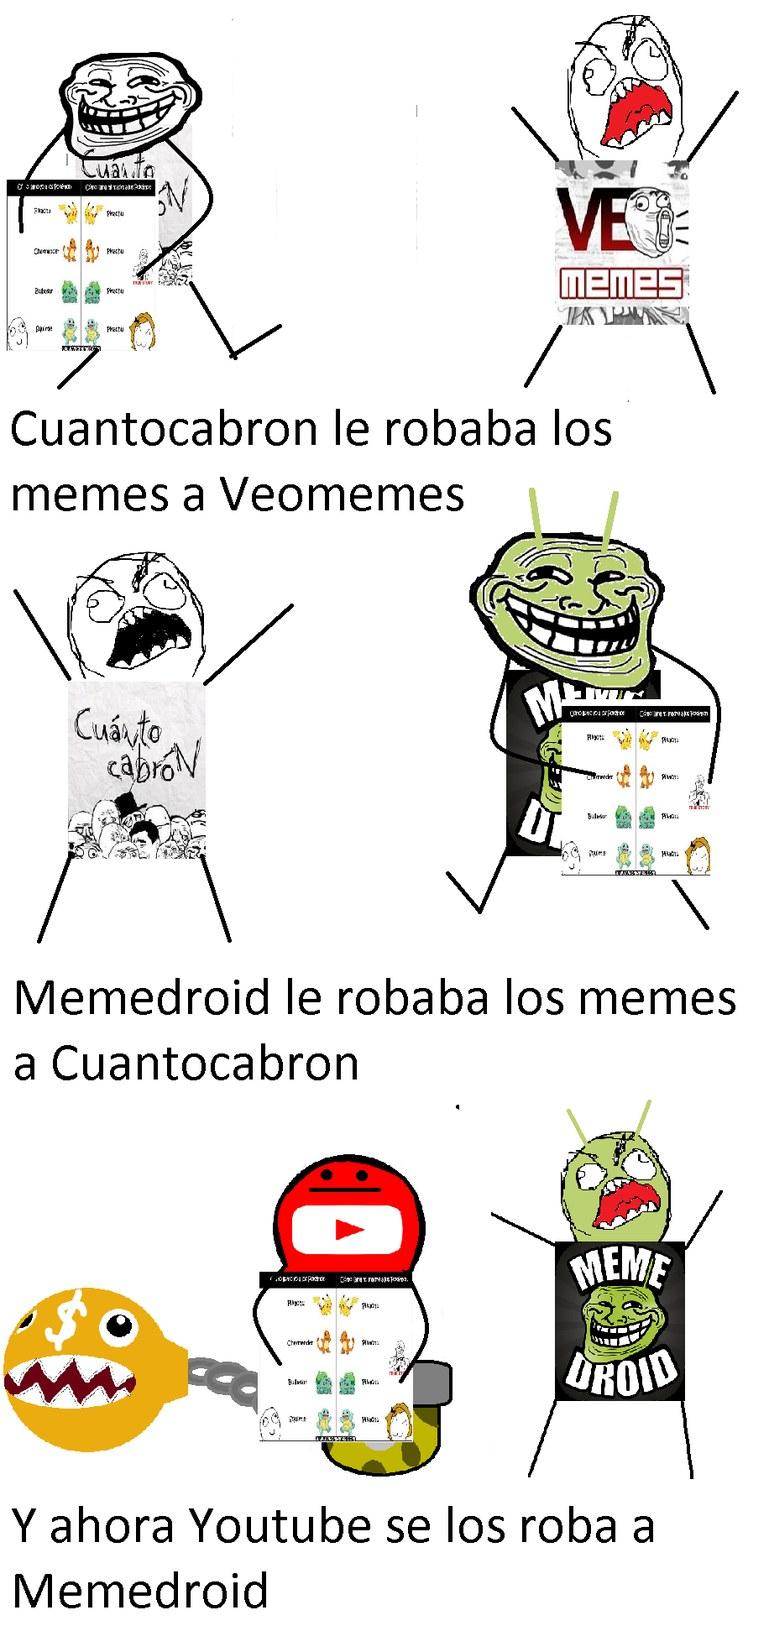 Joder ahora solo podre subir 2 memes ya que se quedan atascados a moderacion y se terminan eliminando automaticamente.